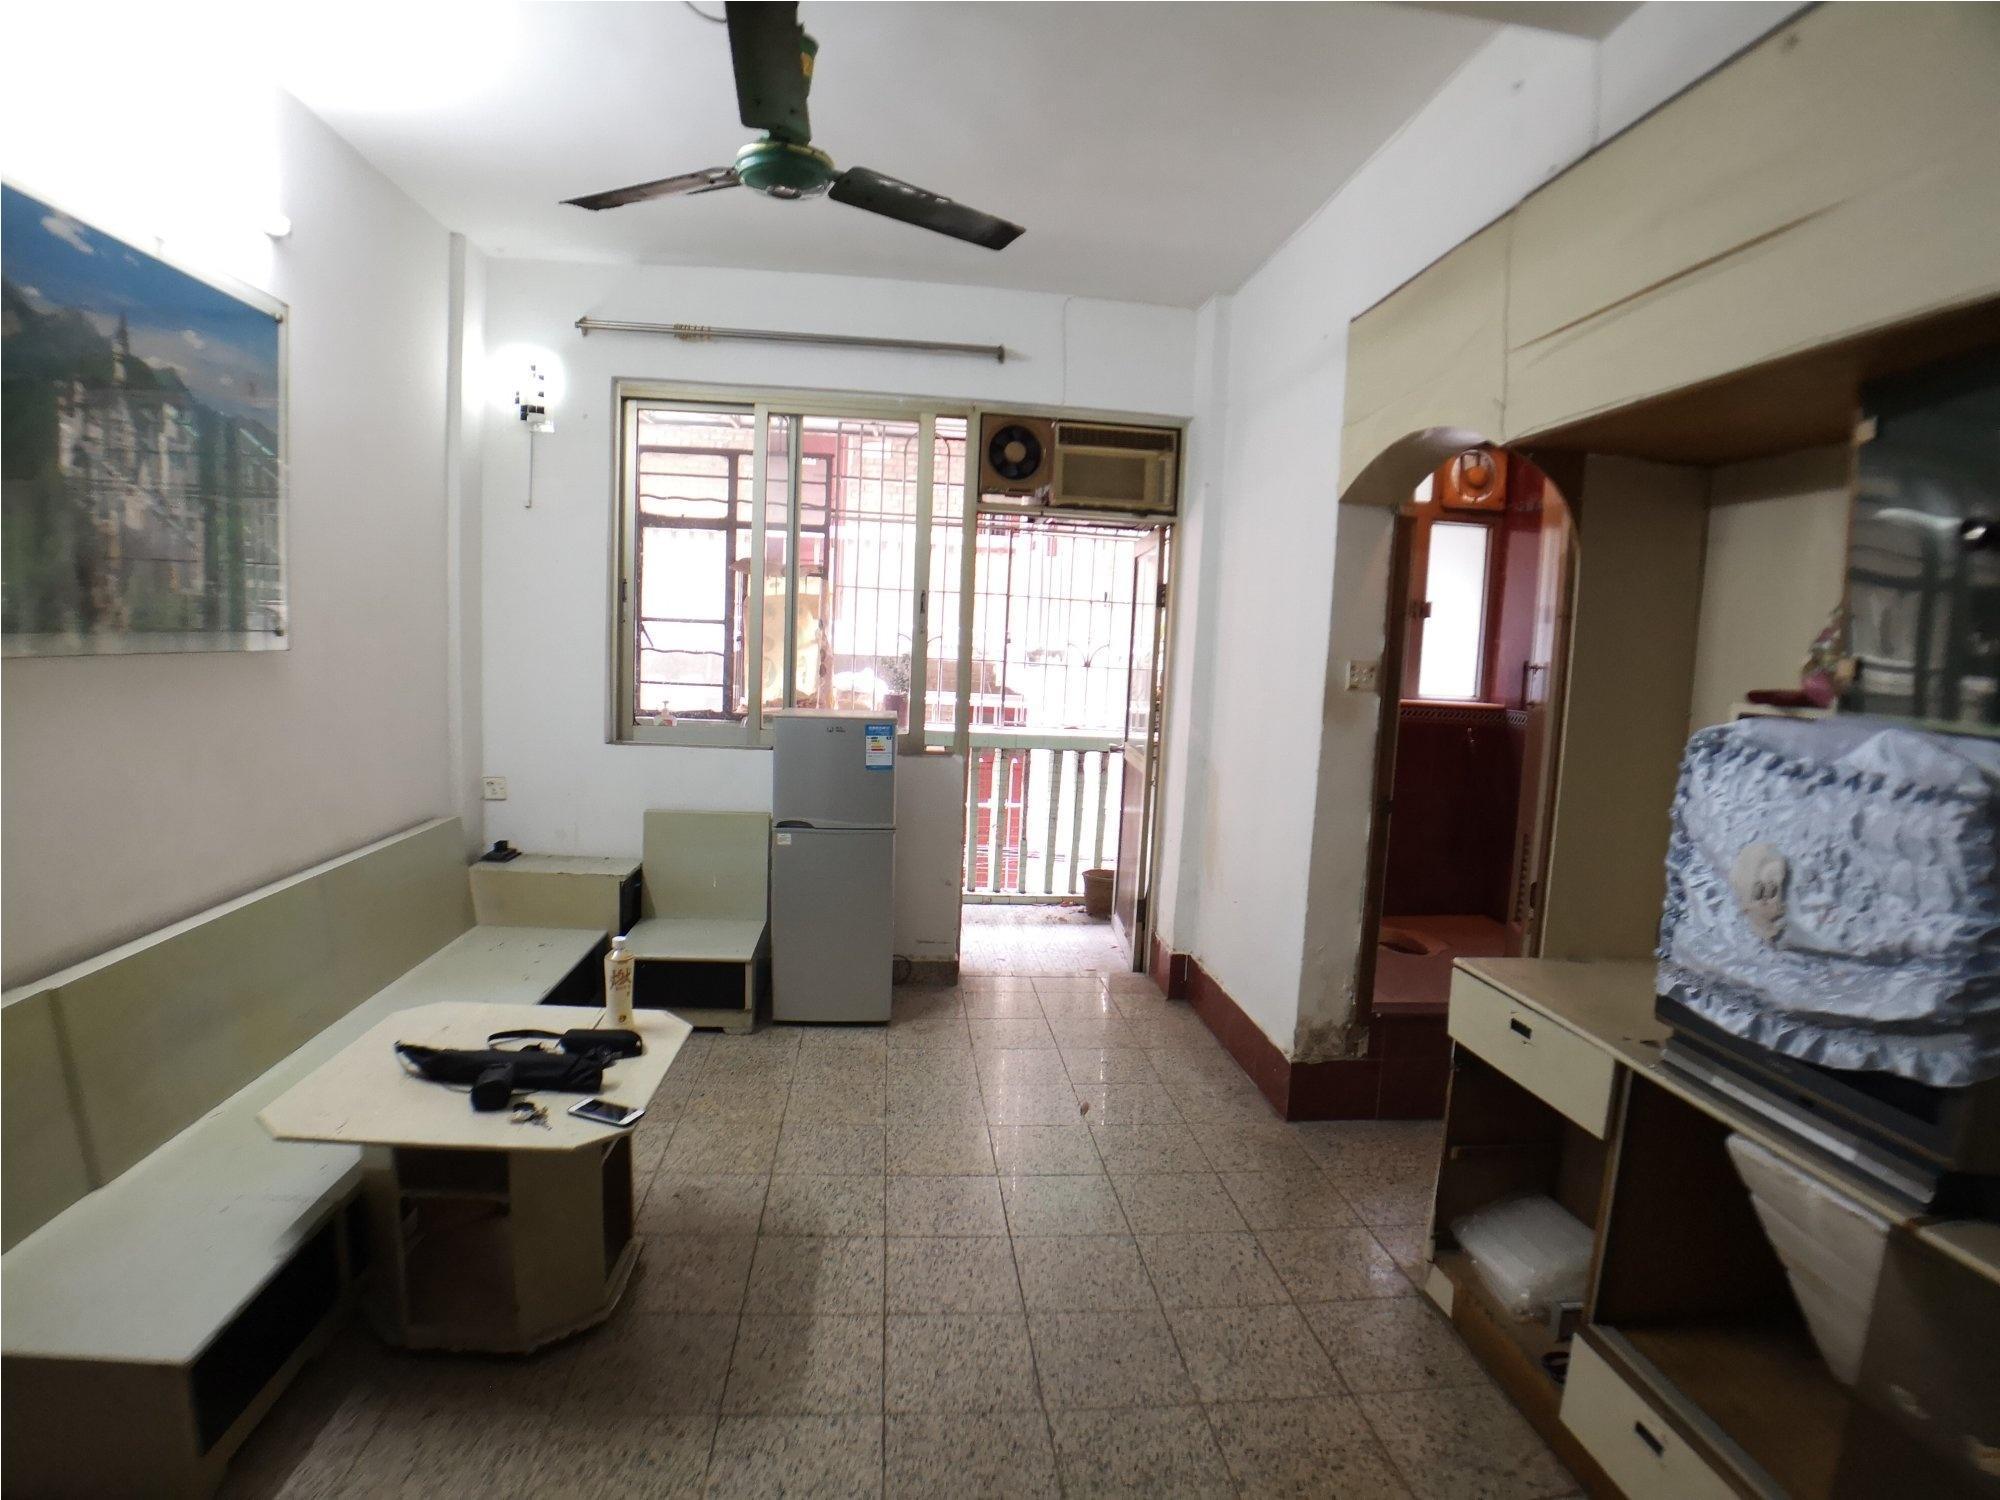 宝玉直  低层二楼 马赛克外墙 可改两房